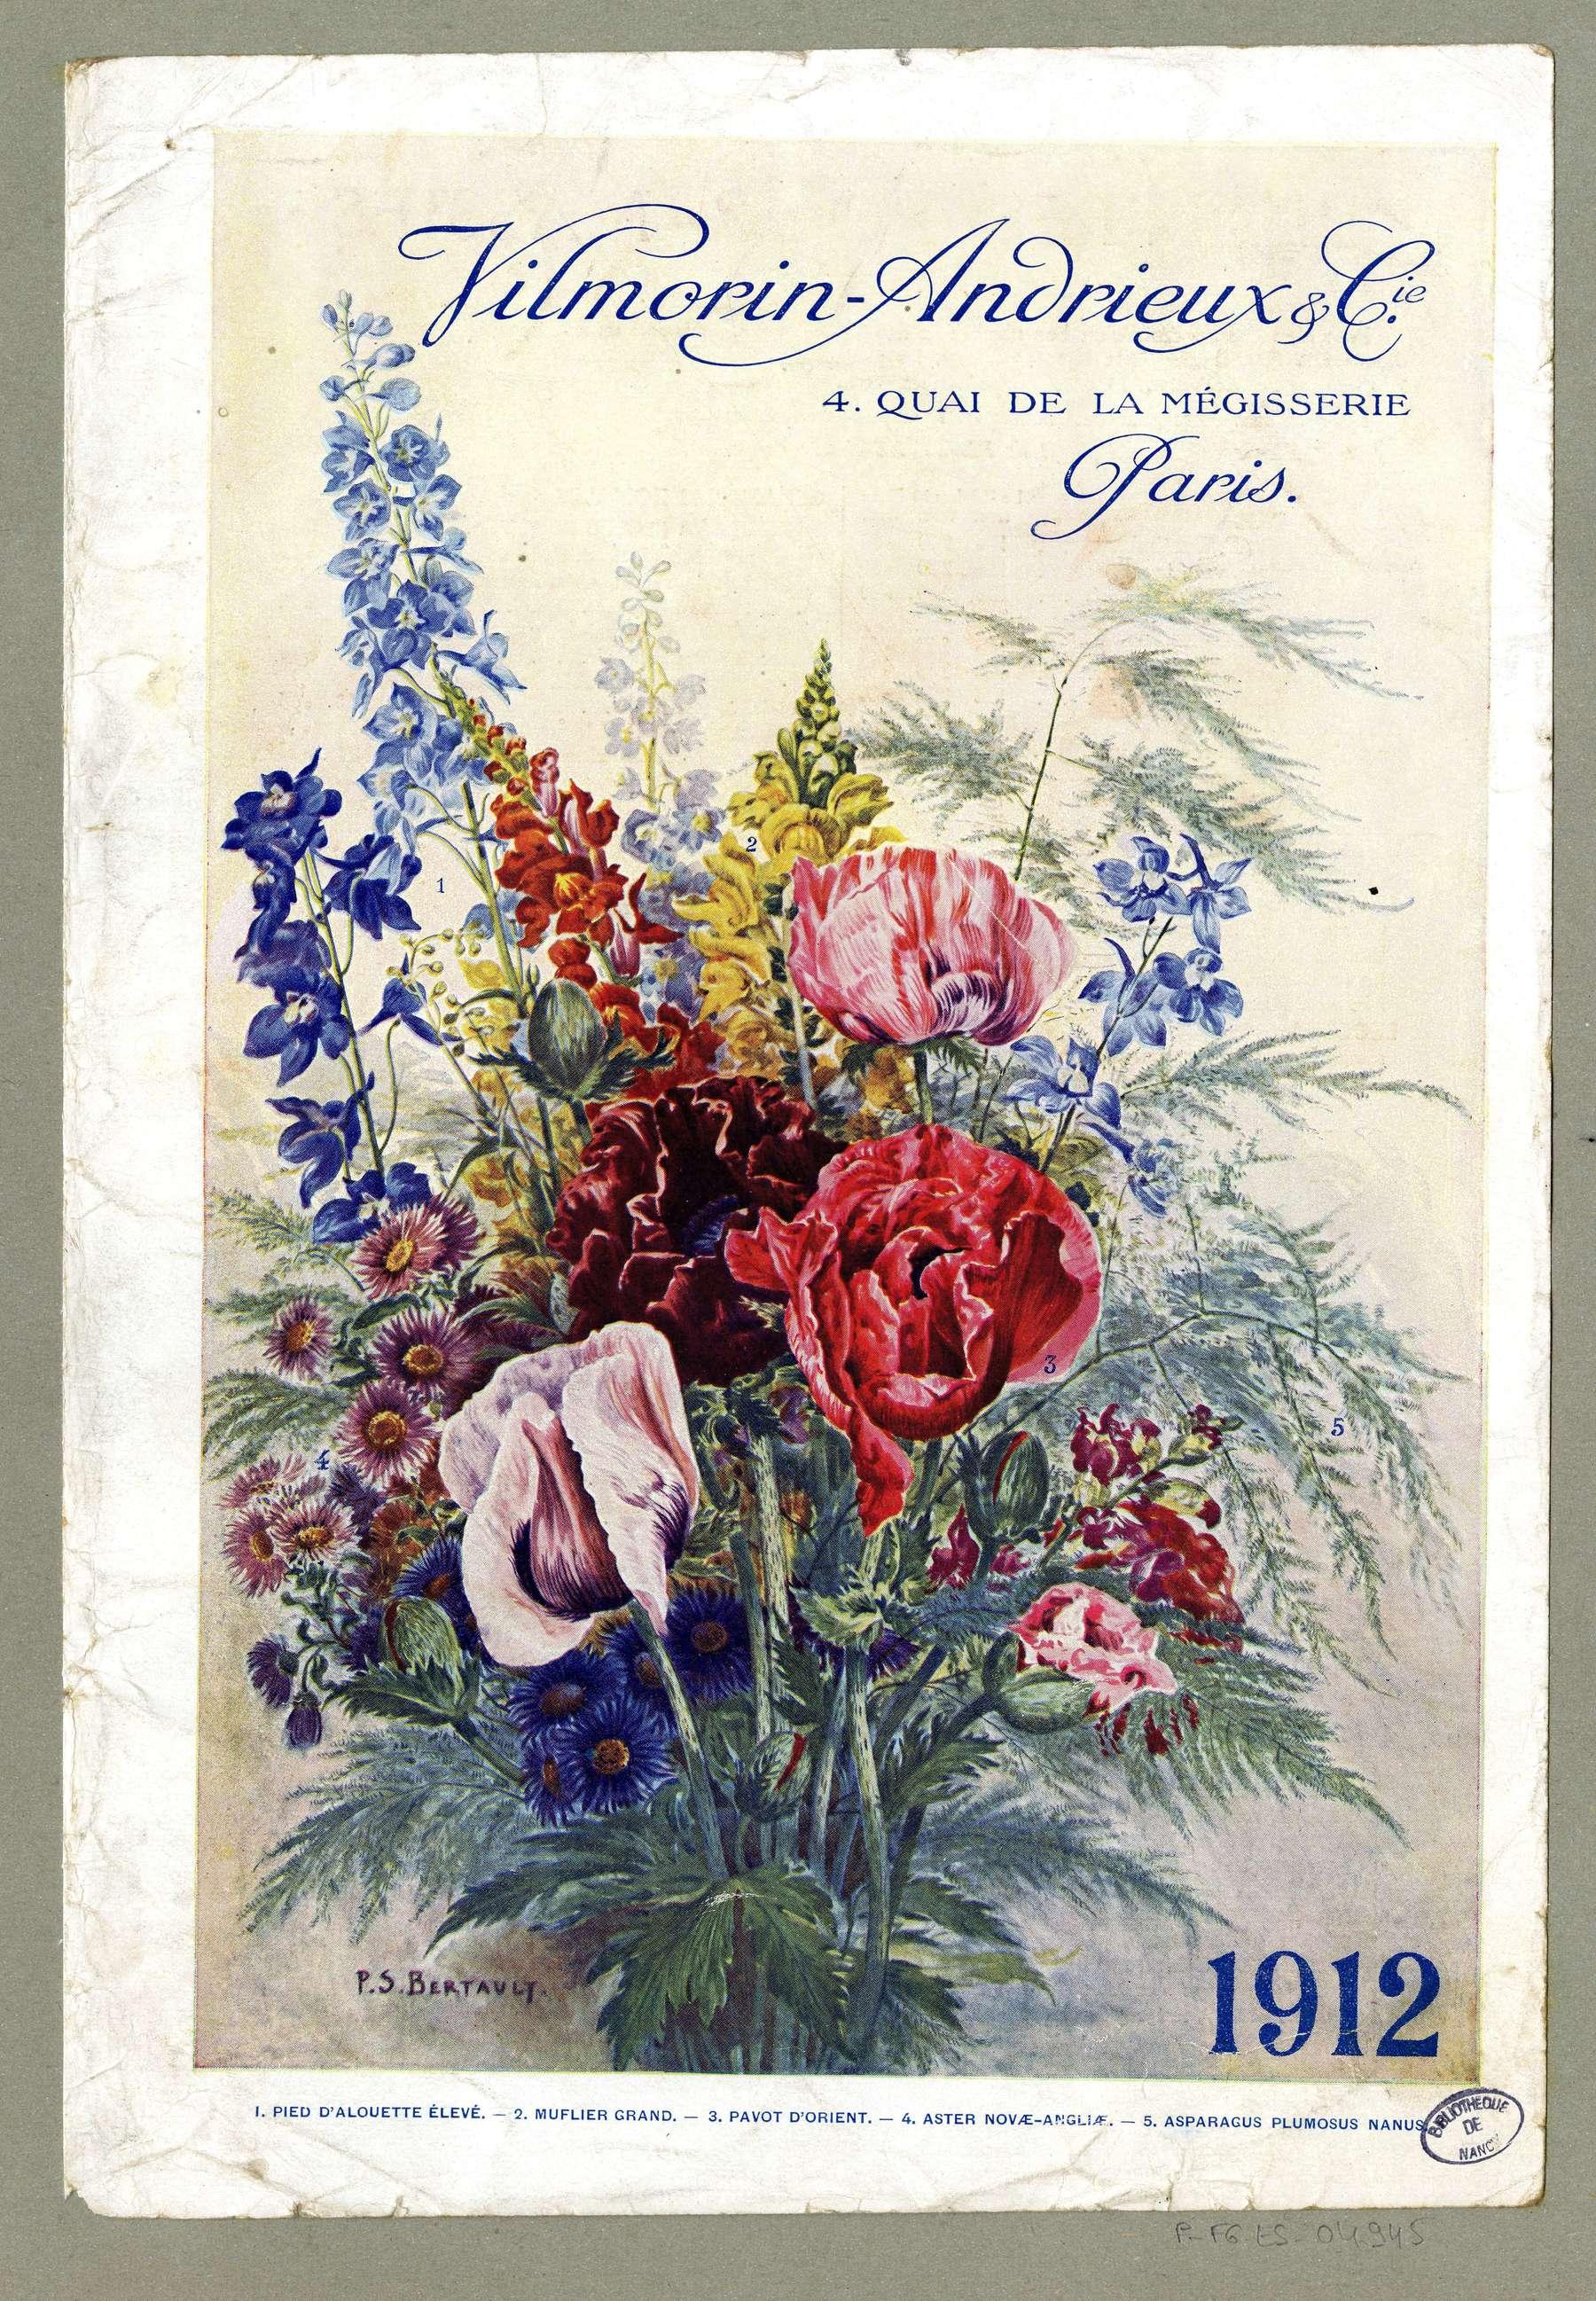 Contenu du Bouquet de fleurs